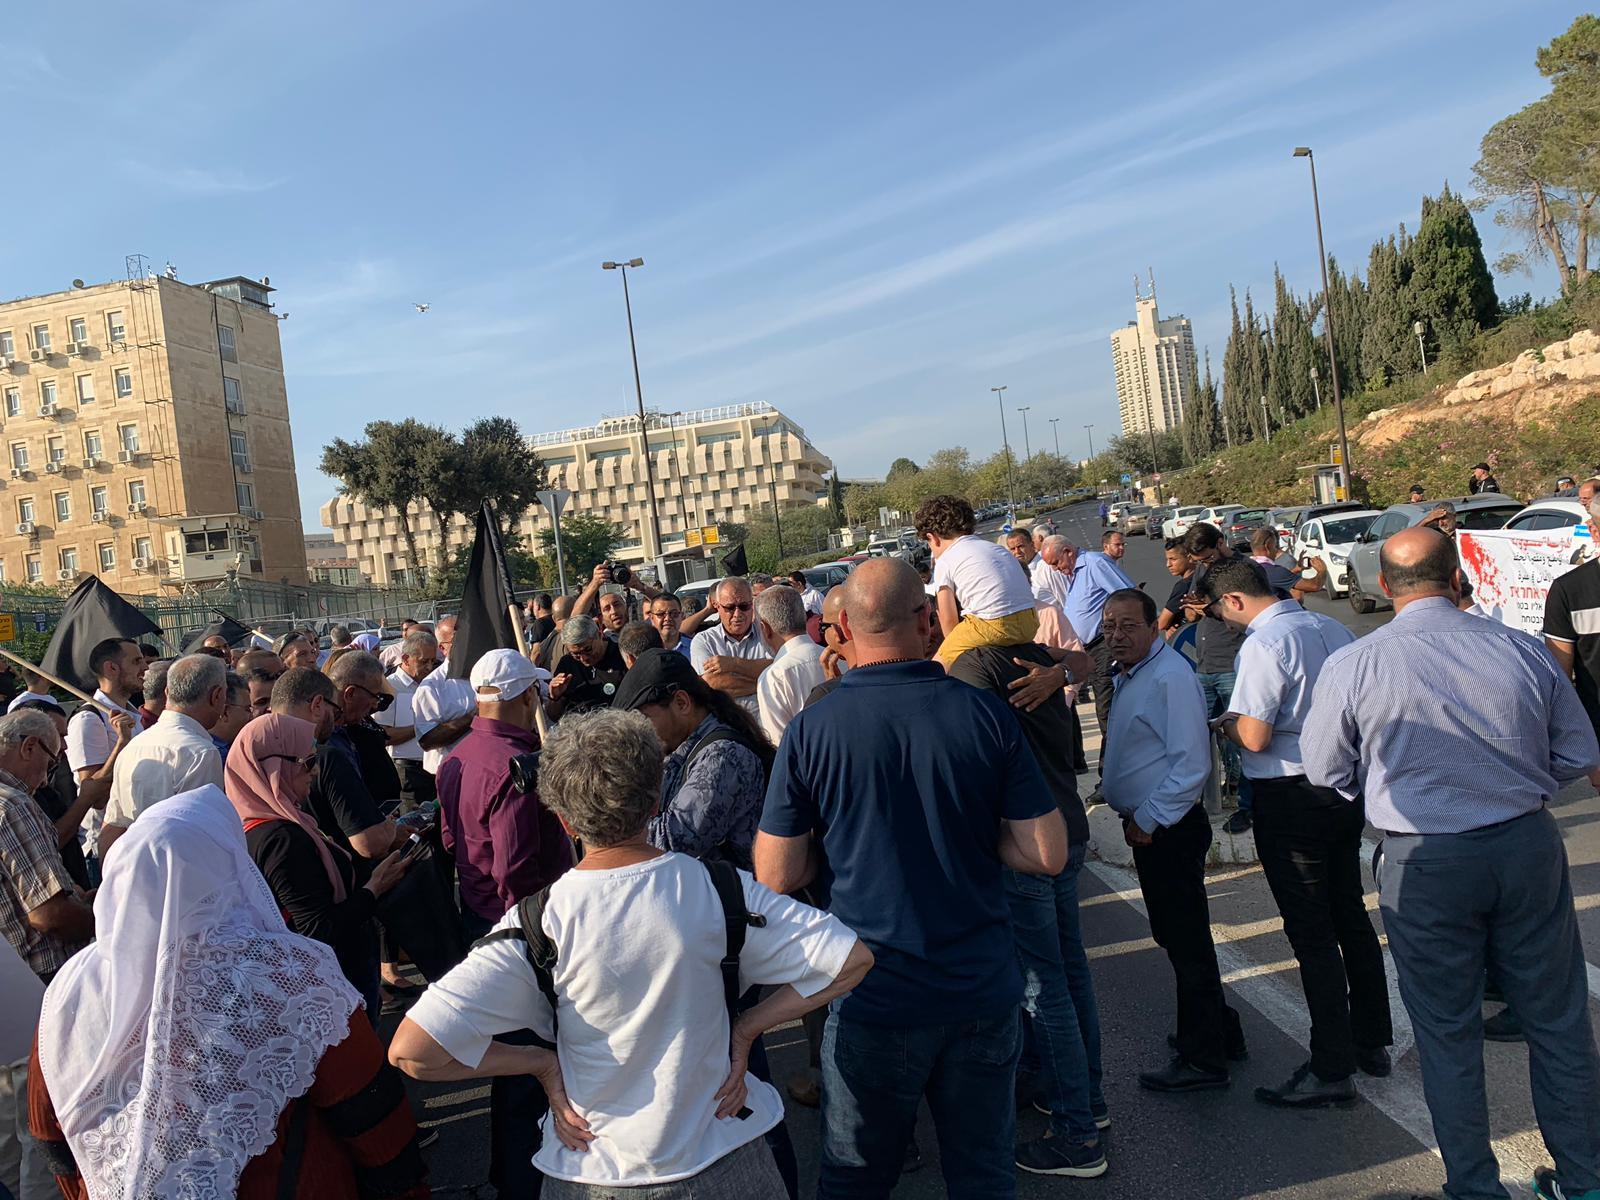 قافلة احتجاجية ومظاهرة أمام المباني الحكومية ضد العنف والجريمة